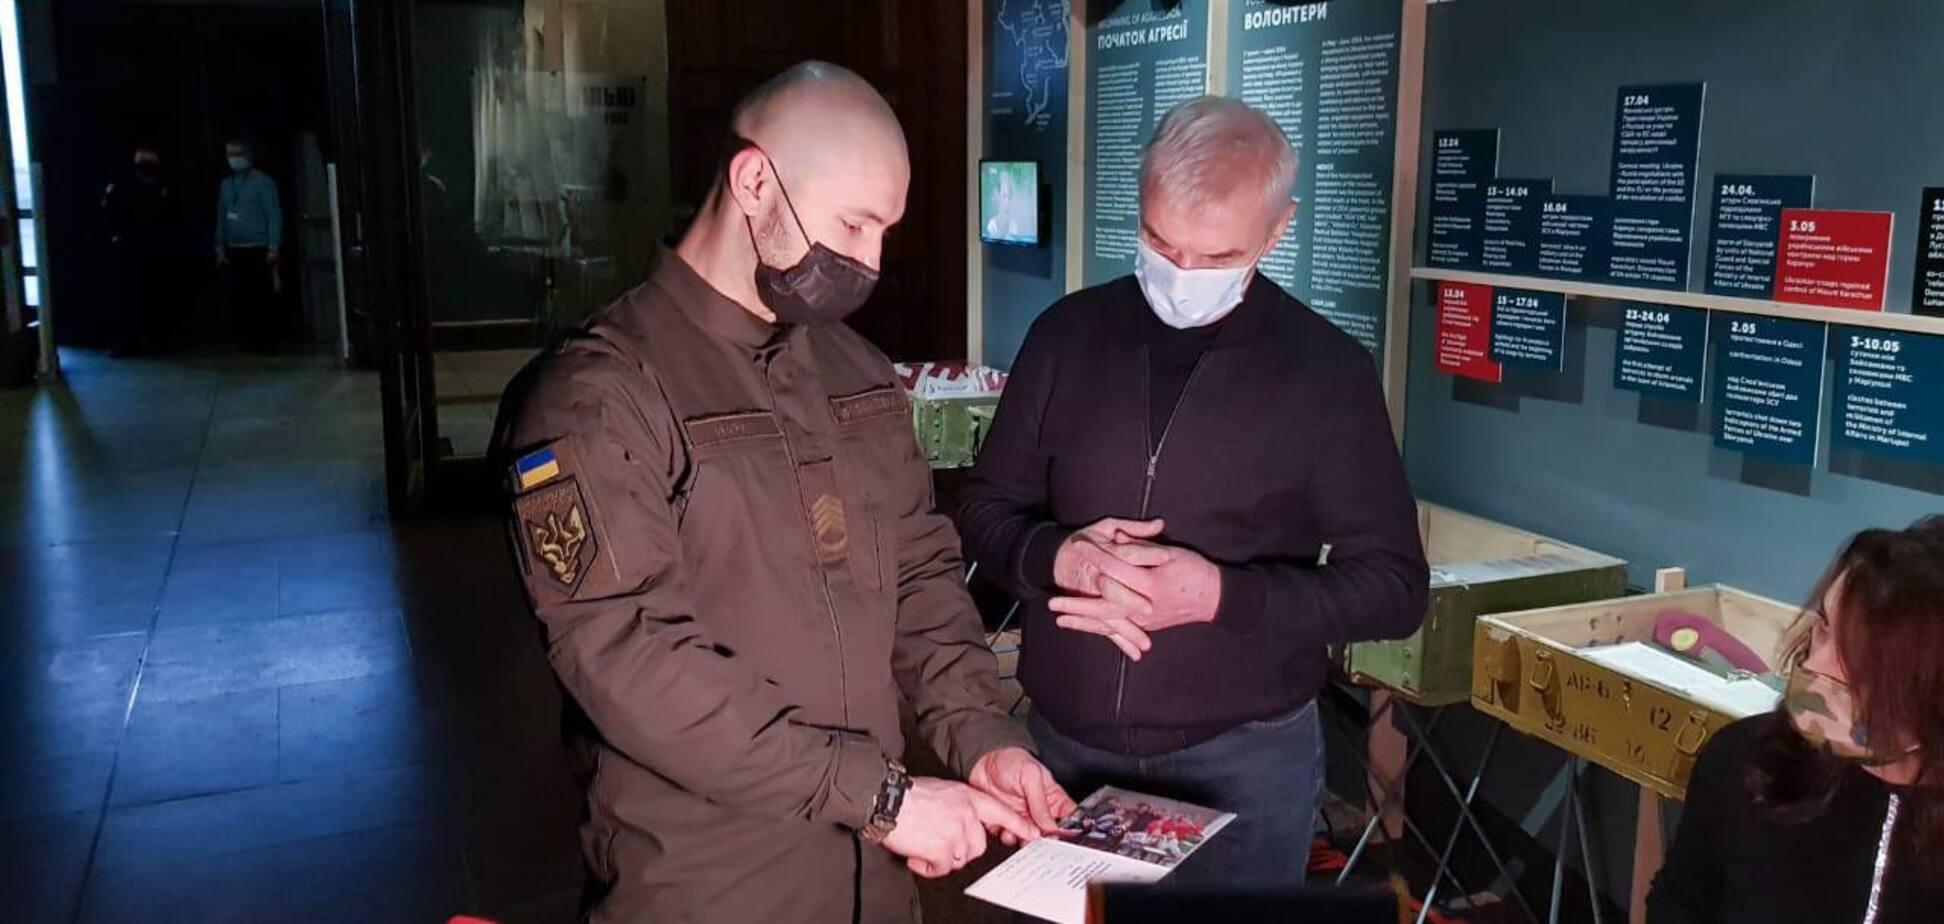 Маркив передал личные вещи музею